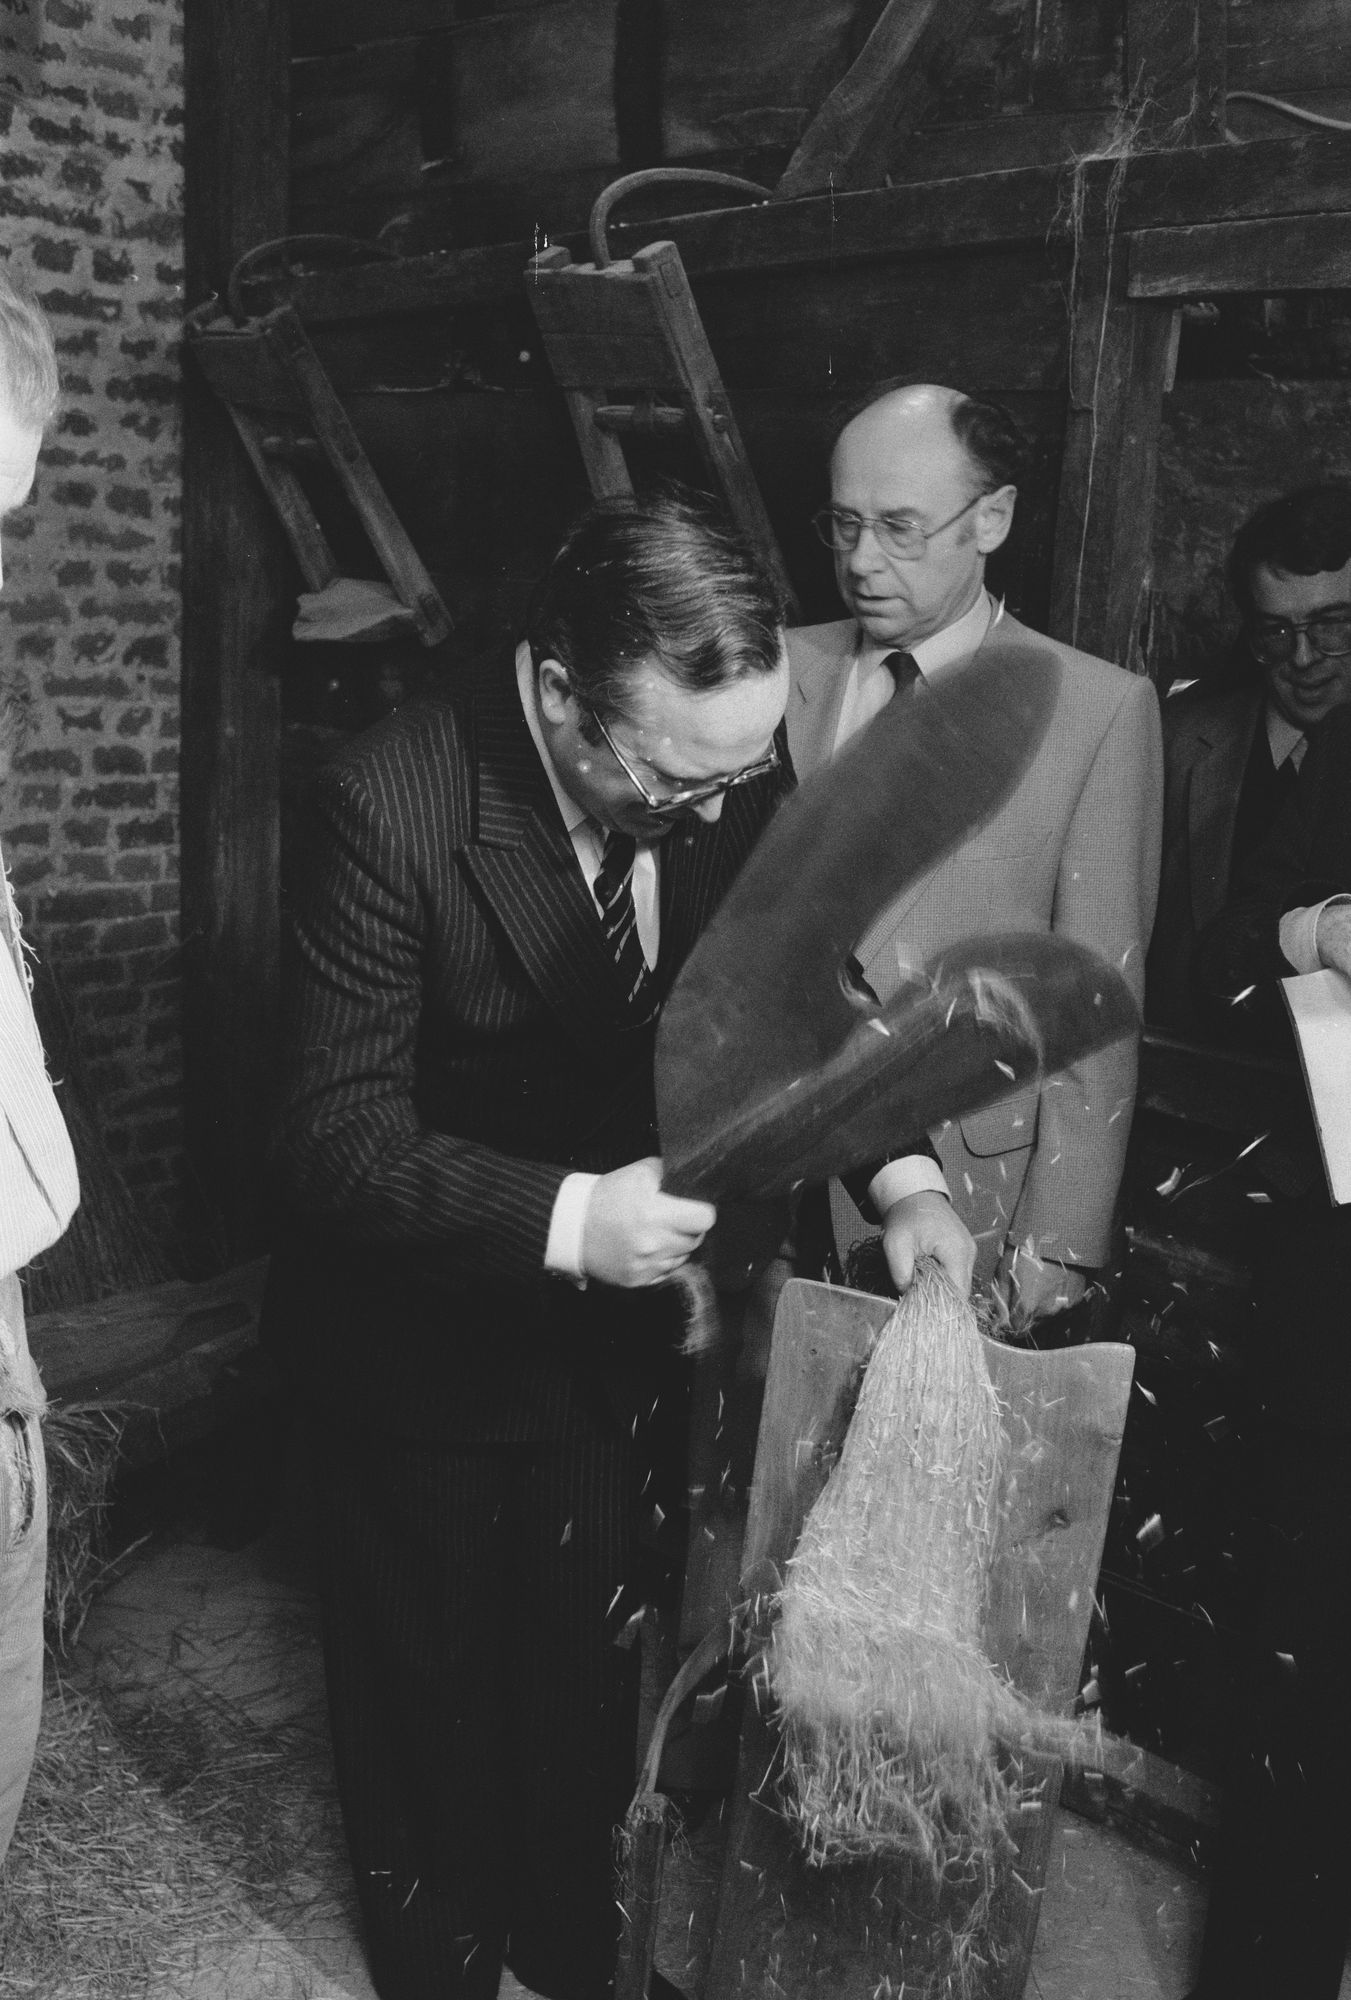 Rondleiding tijdens de officiële opening van het vlasmuseum